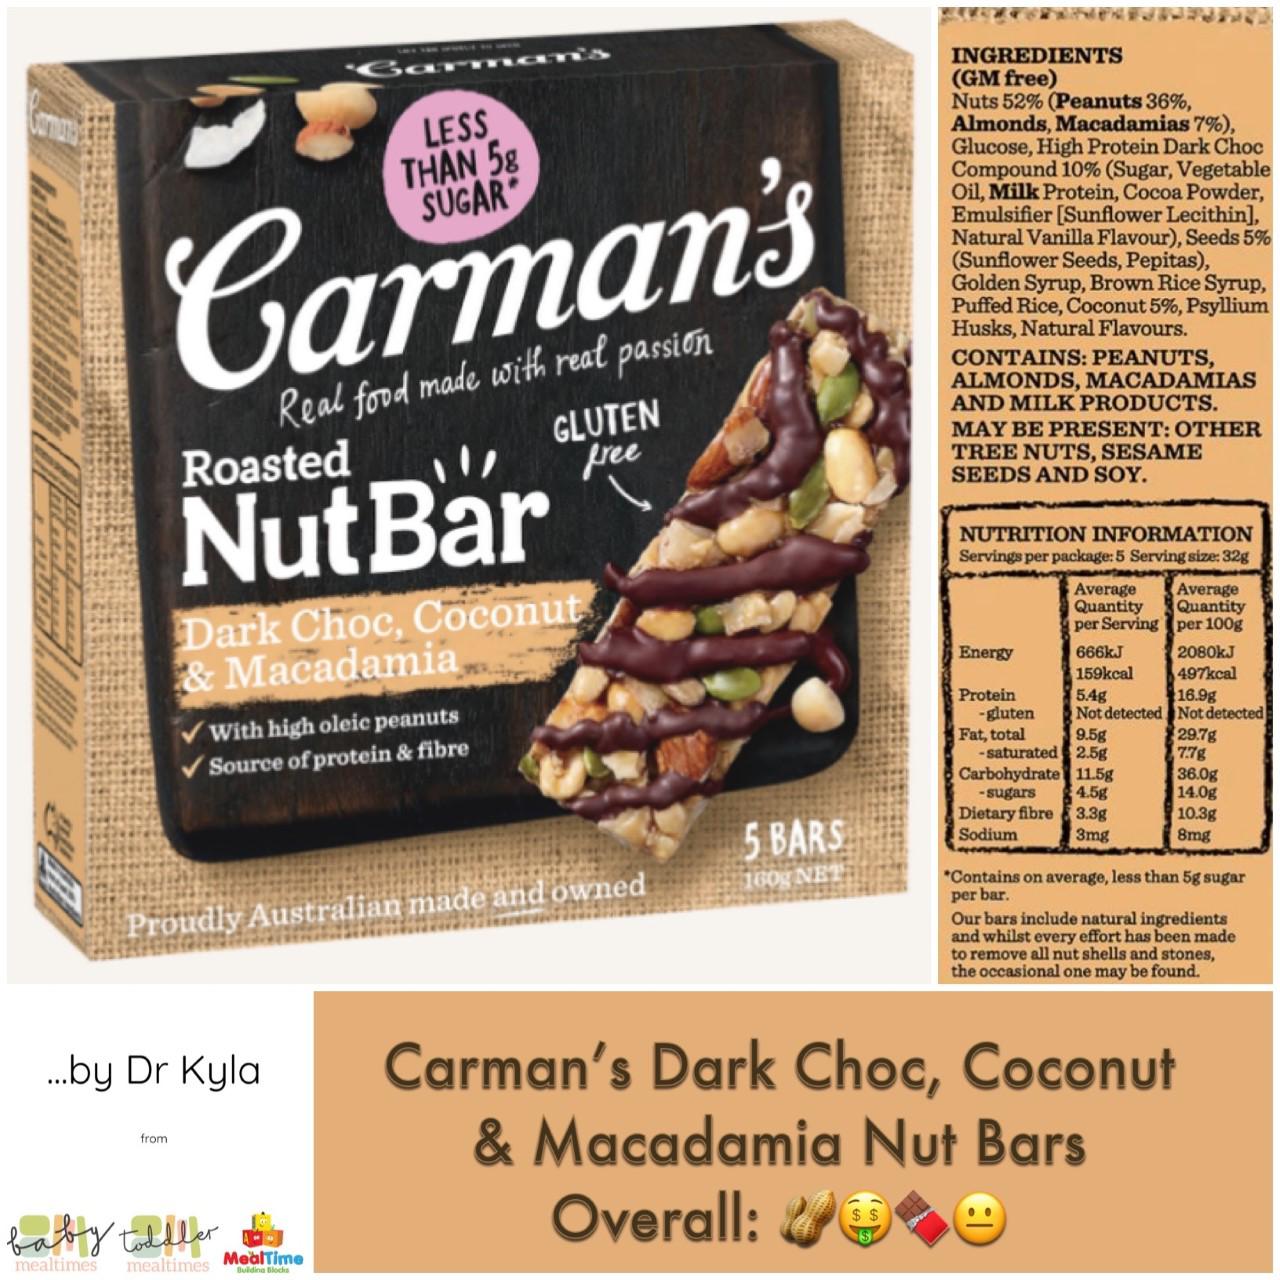 Chewsday Review- Carman's Dark Choc, Coconut & Macadamia Nut Bar